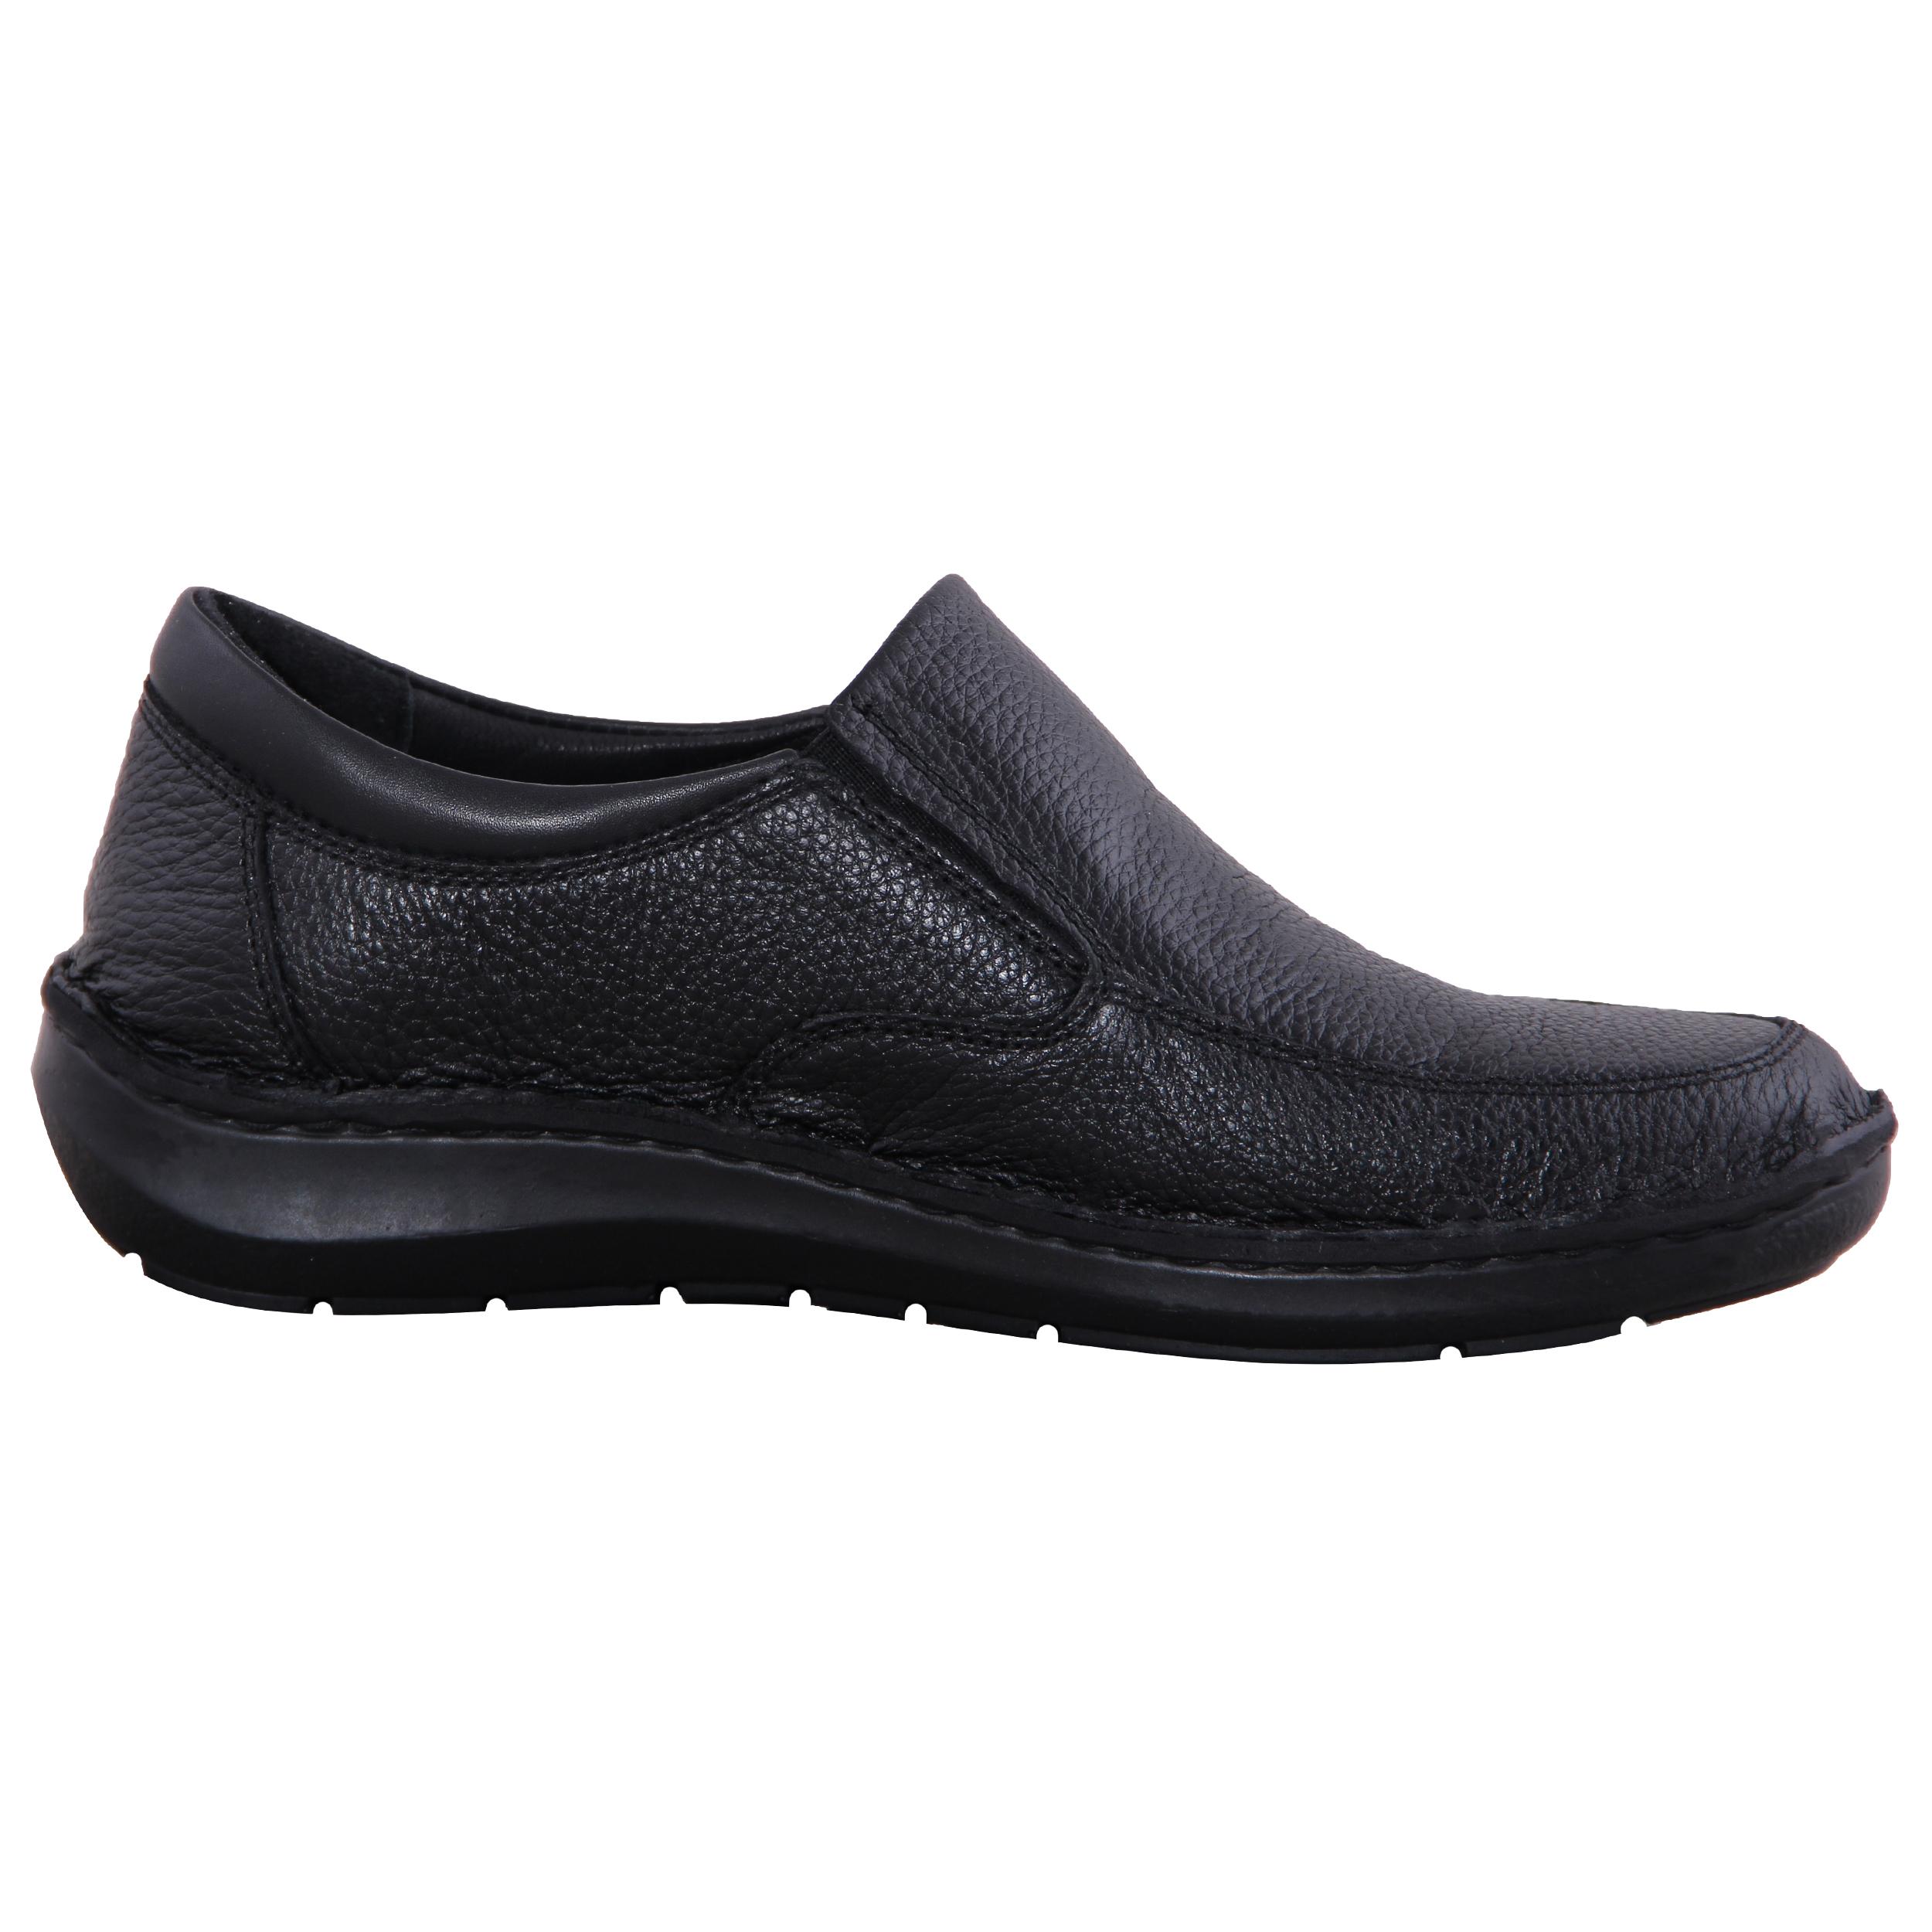 کفش مردانه شهر چرم مدل MT43-1 -  - 3